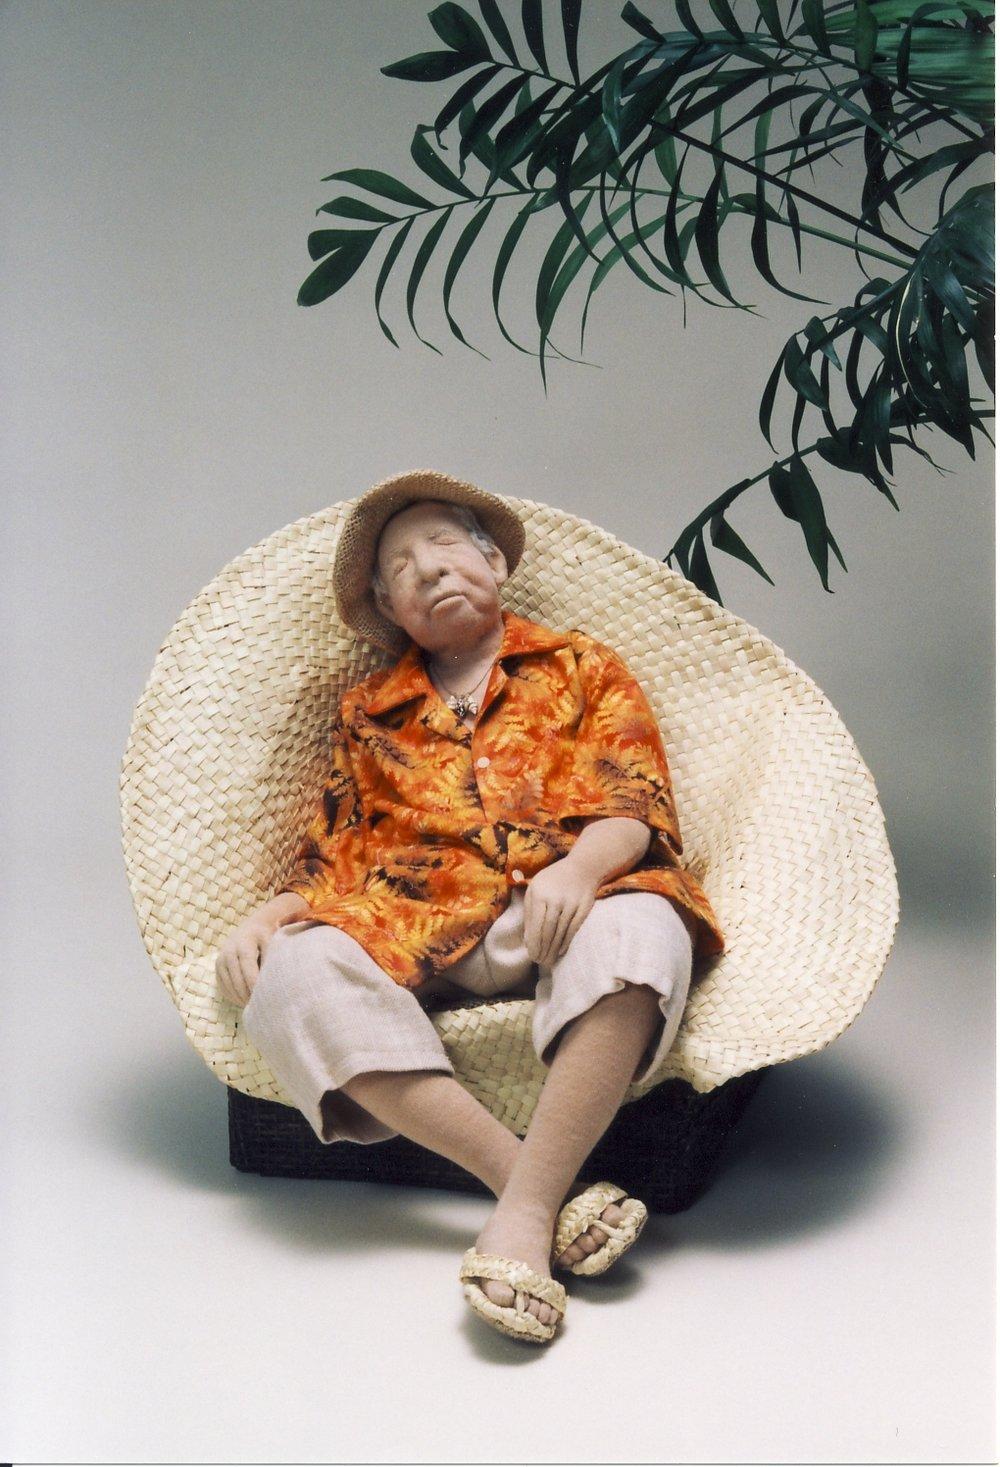 椰子の木陰